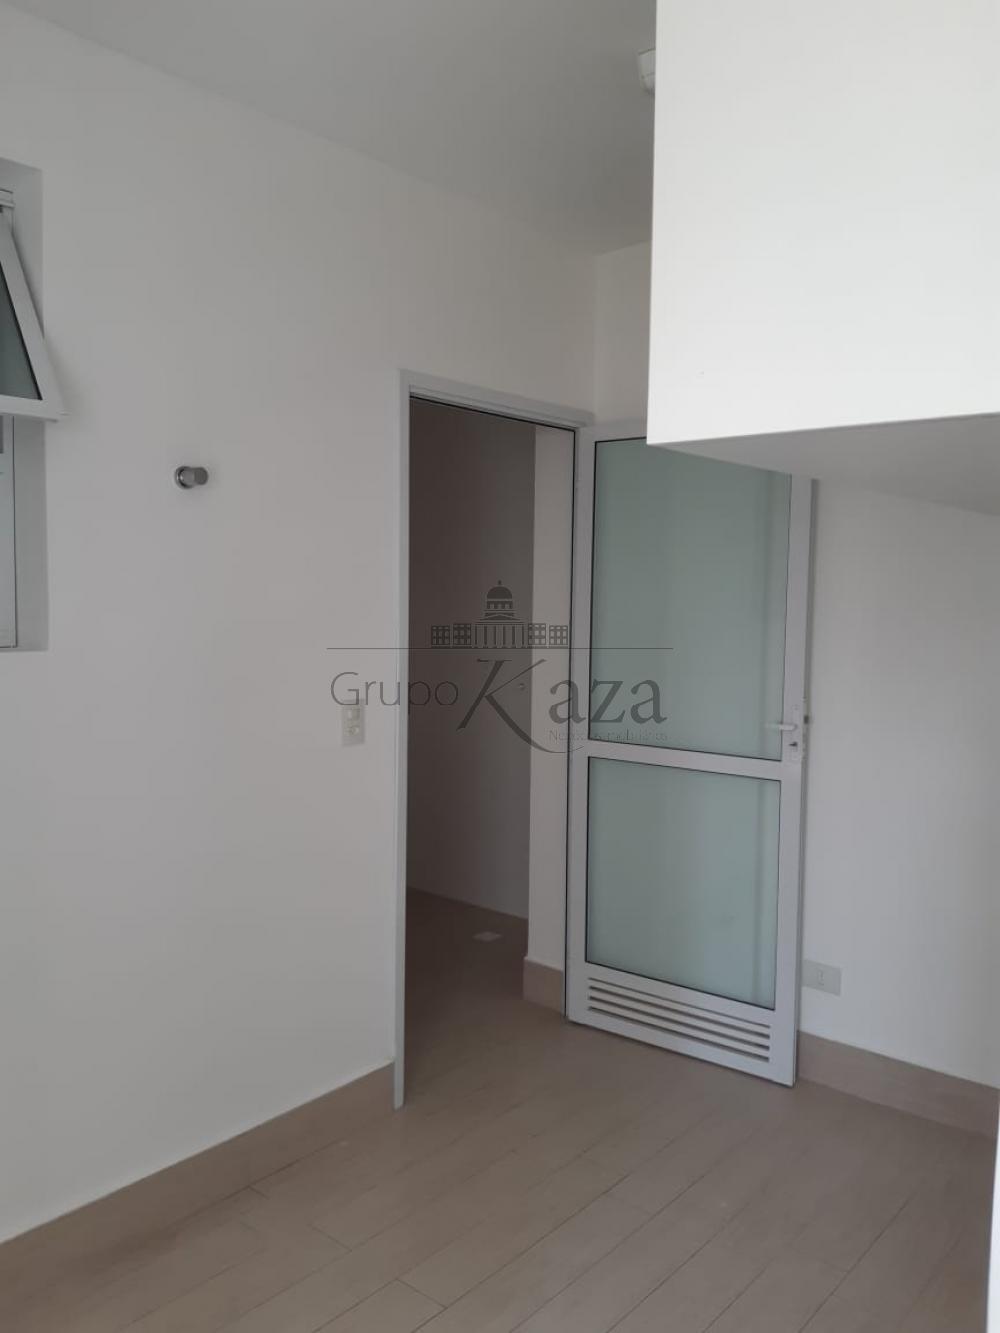 alt='Alugar Apartamento / Padrão em São José dos Campos R$ 2.400,00 - Foto 22' title='Alugar Apartamento / Padrão em São José dos Campos R$ 2.400,00 - Foto 22'